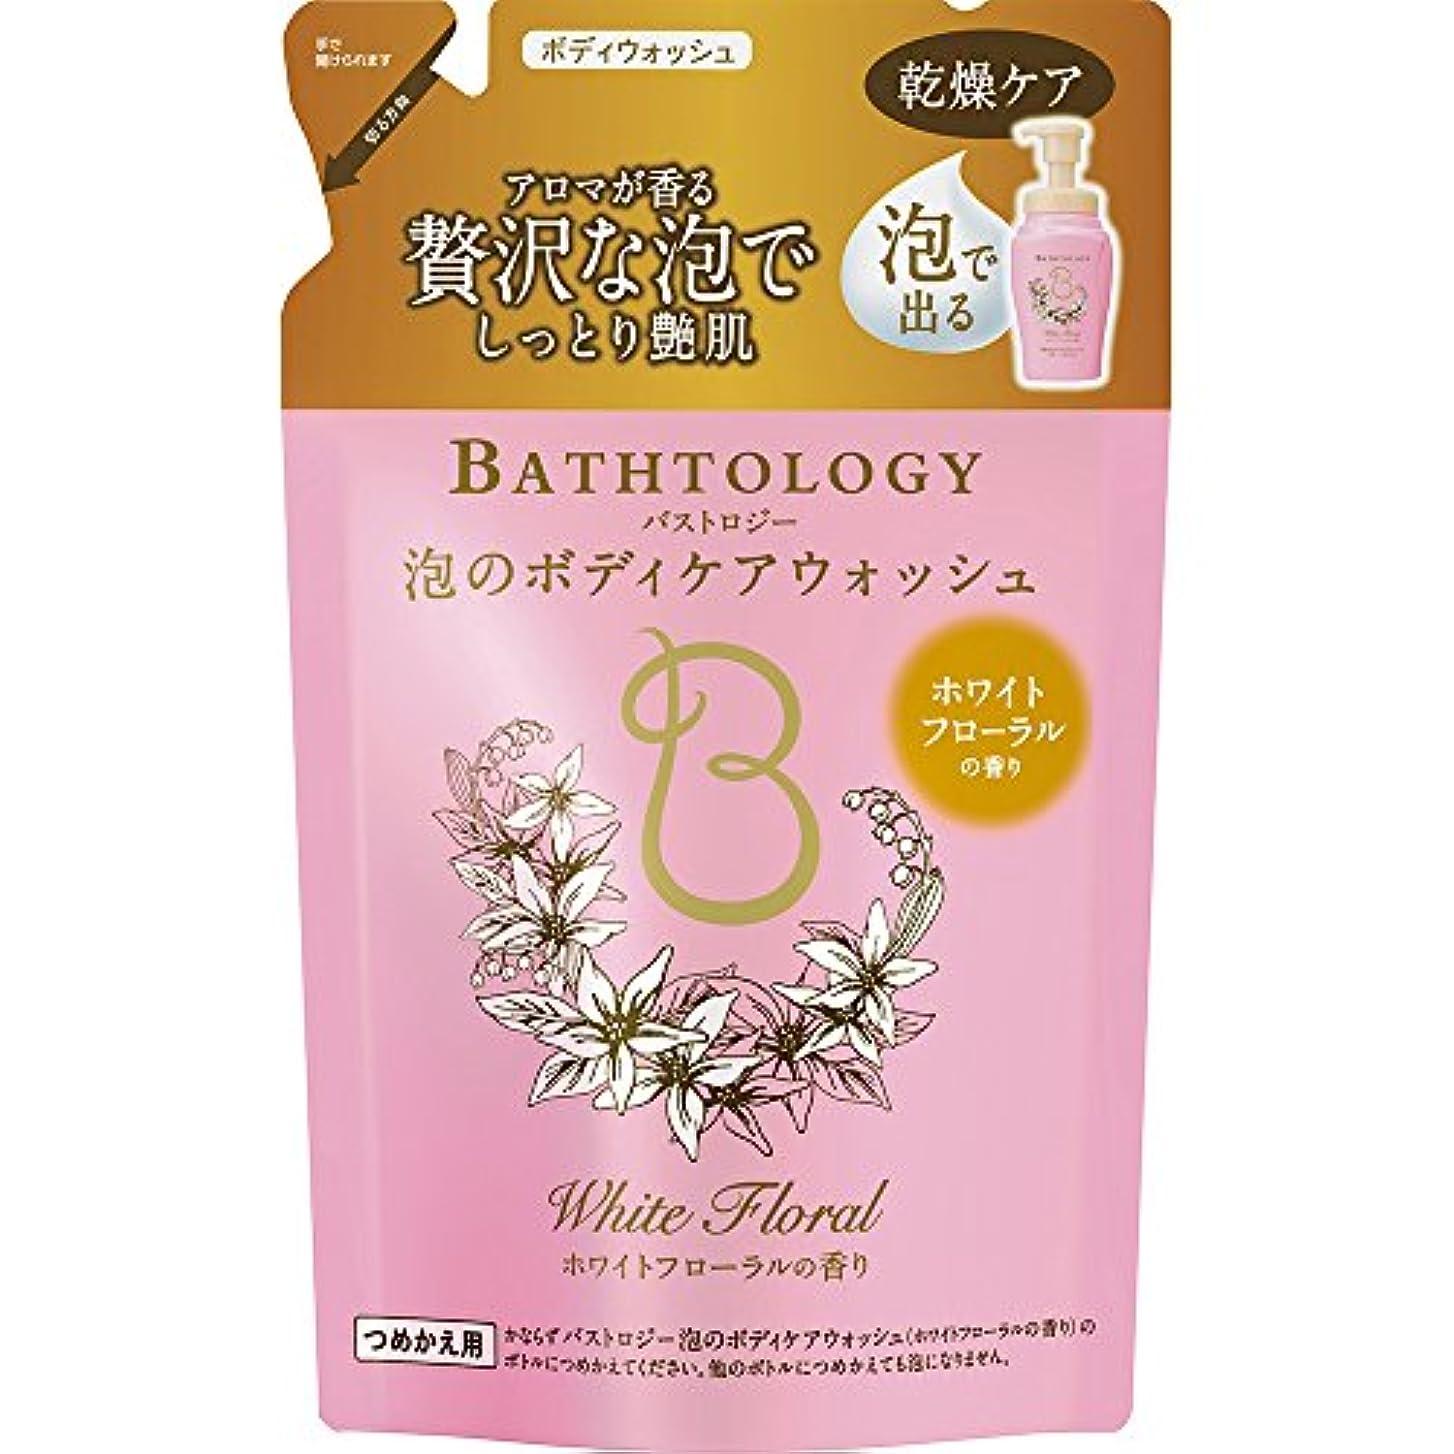 インストールジョージバーナード古代BATHTOLOGY 泡のボディケアウォッシュ ホワイトフローラルの香り 詰め替え 350ml